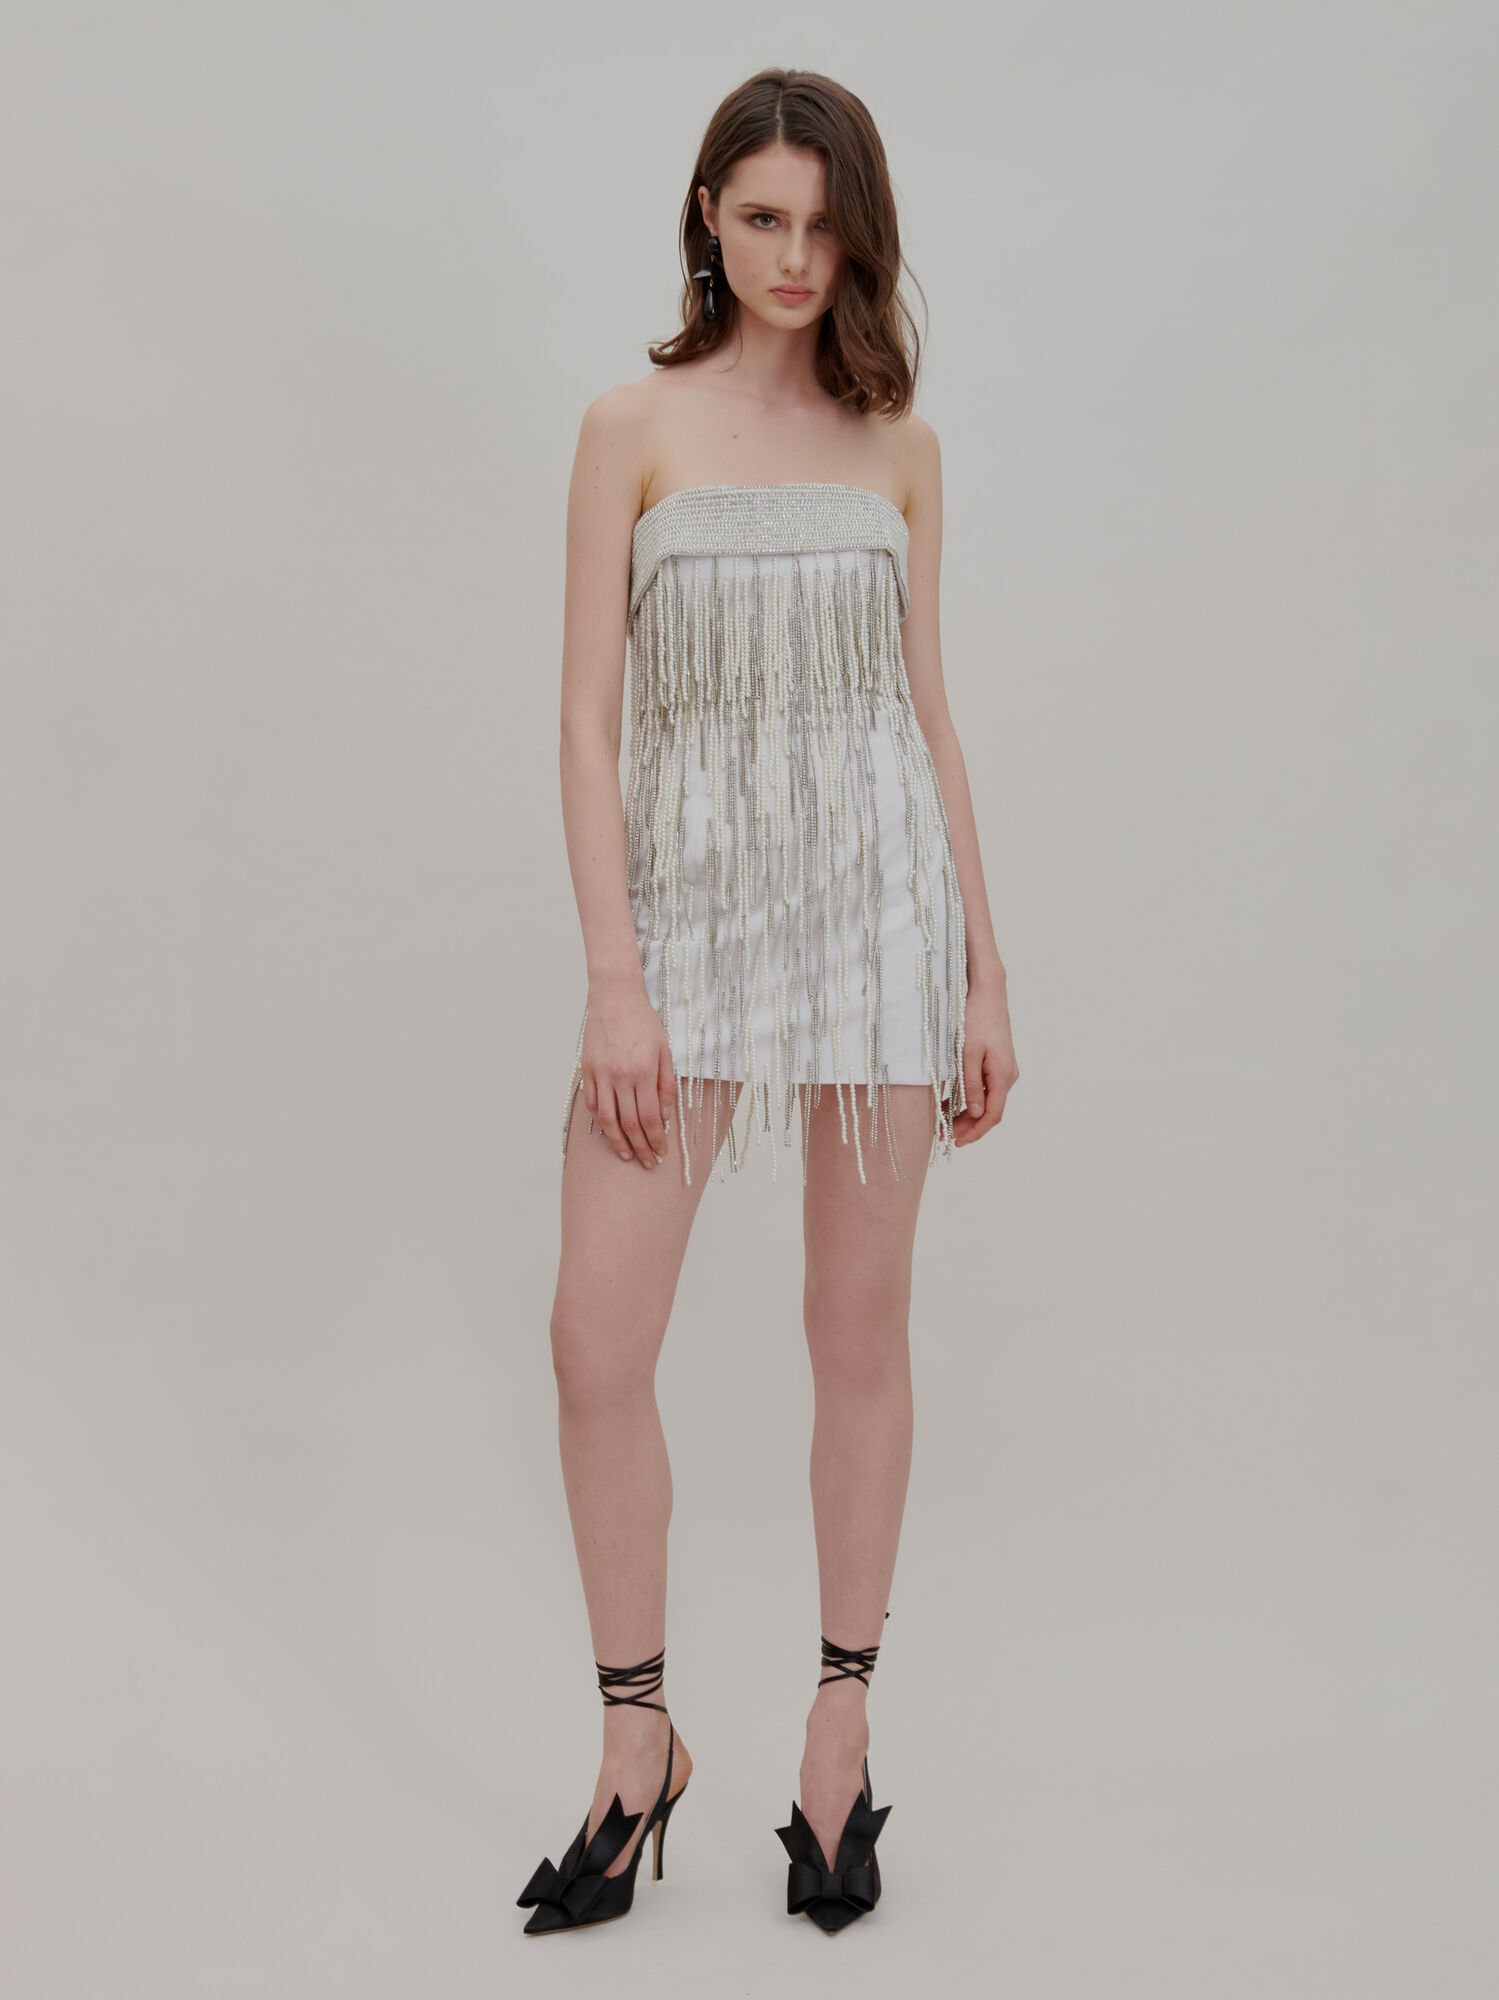 The Attico The Attico Sale Join Us Upstairs White Mini Dress